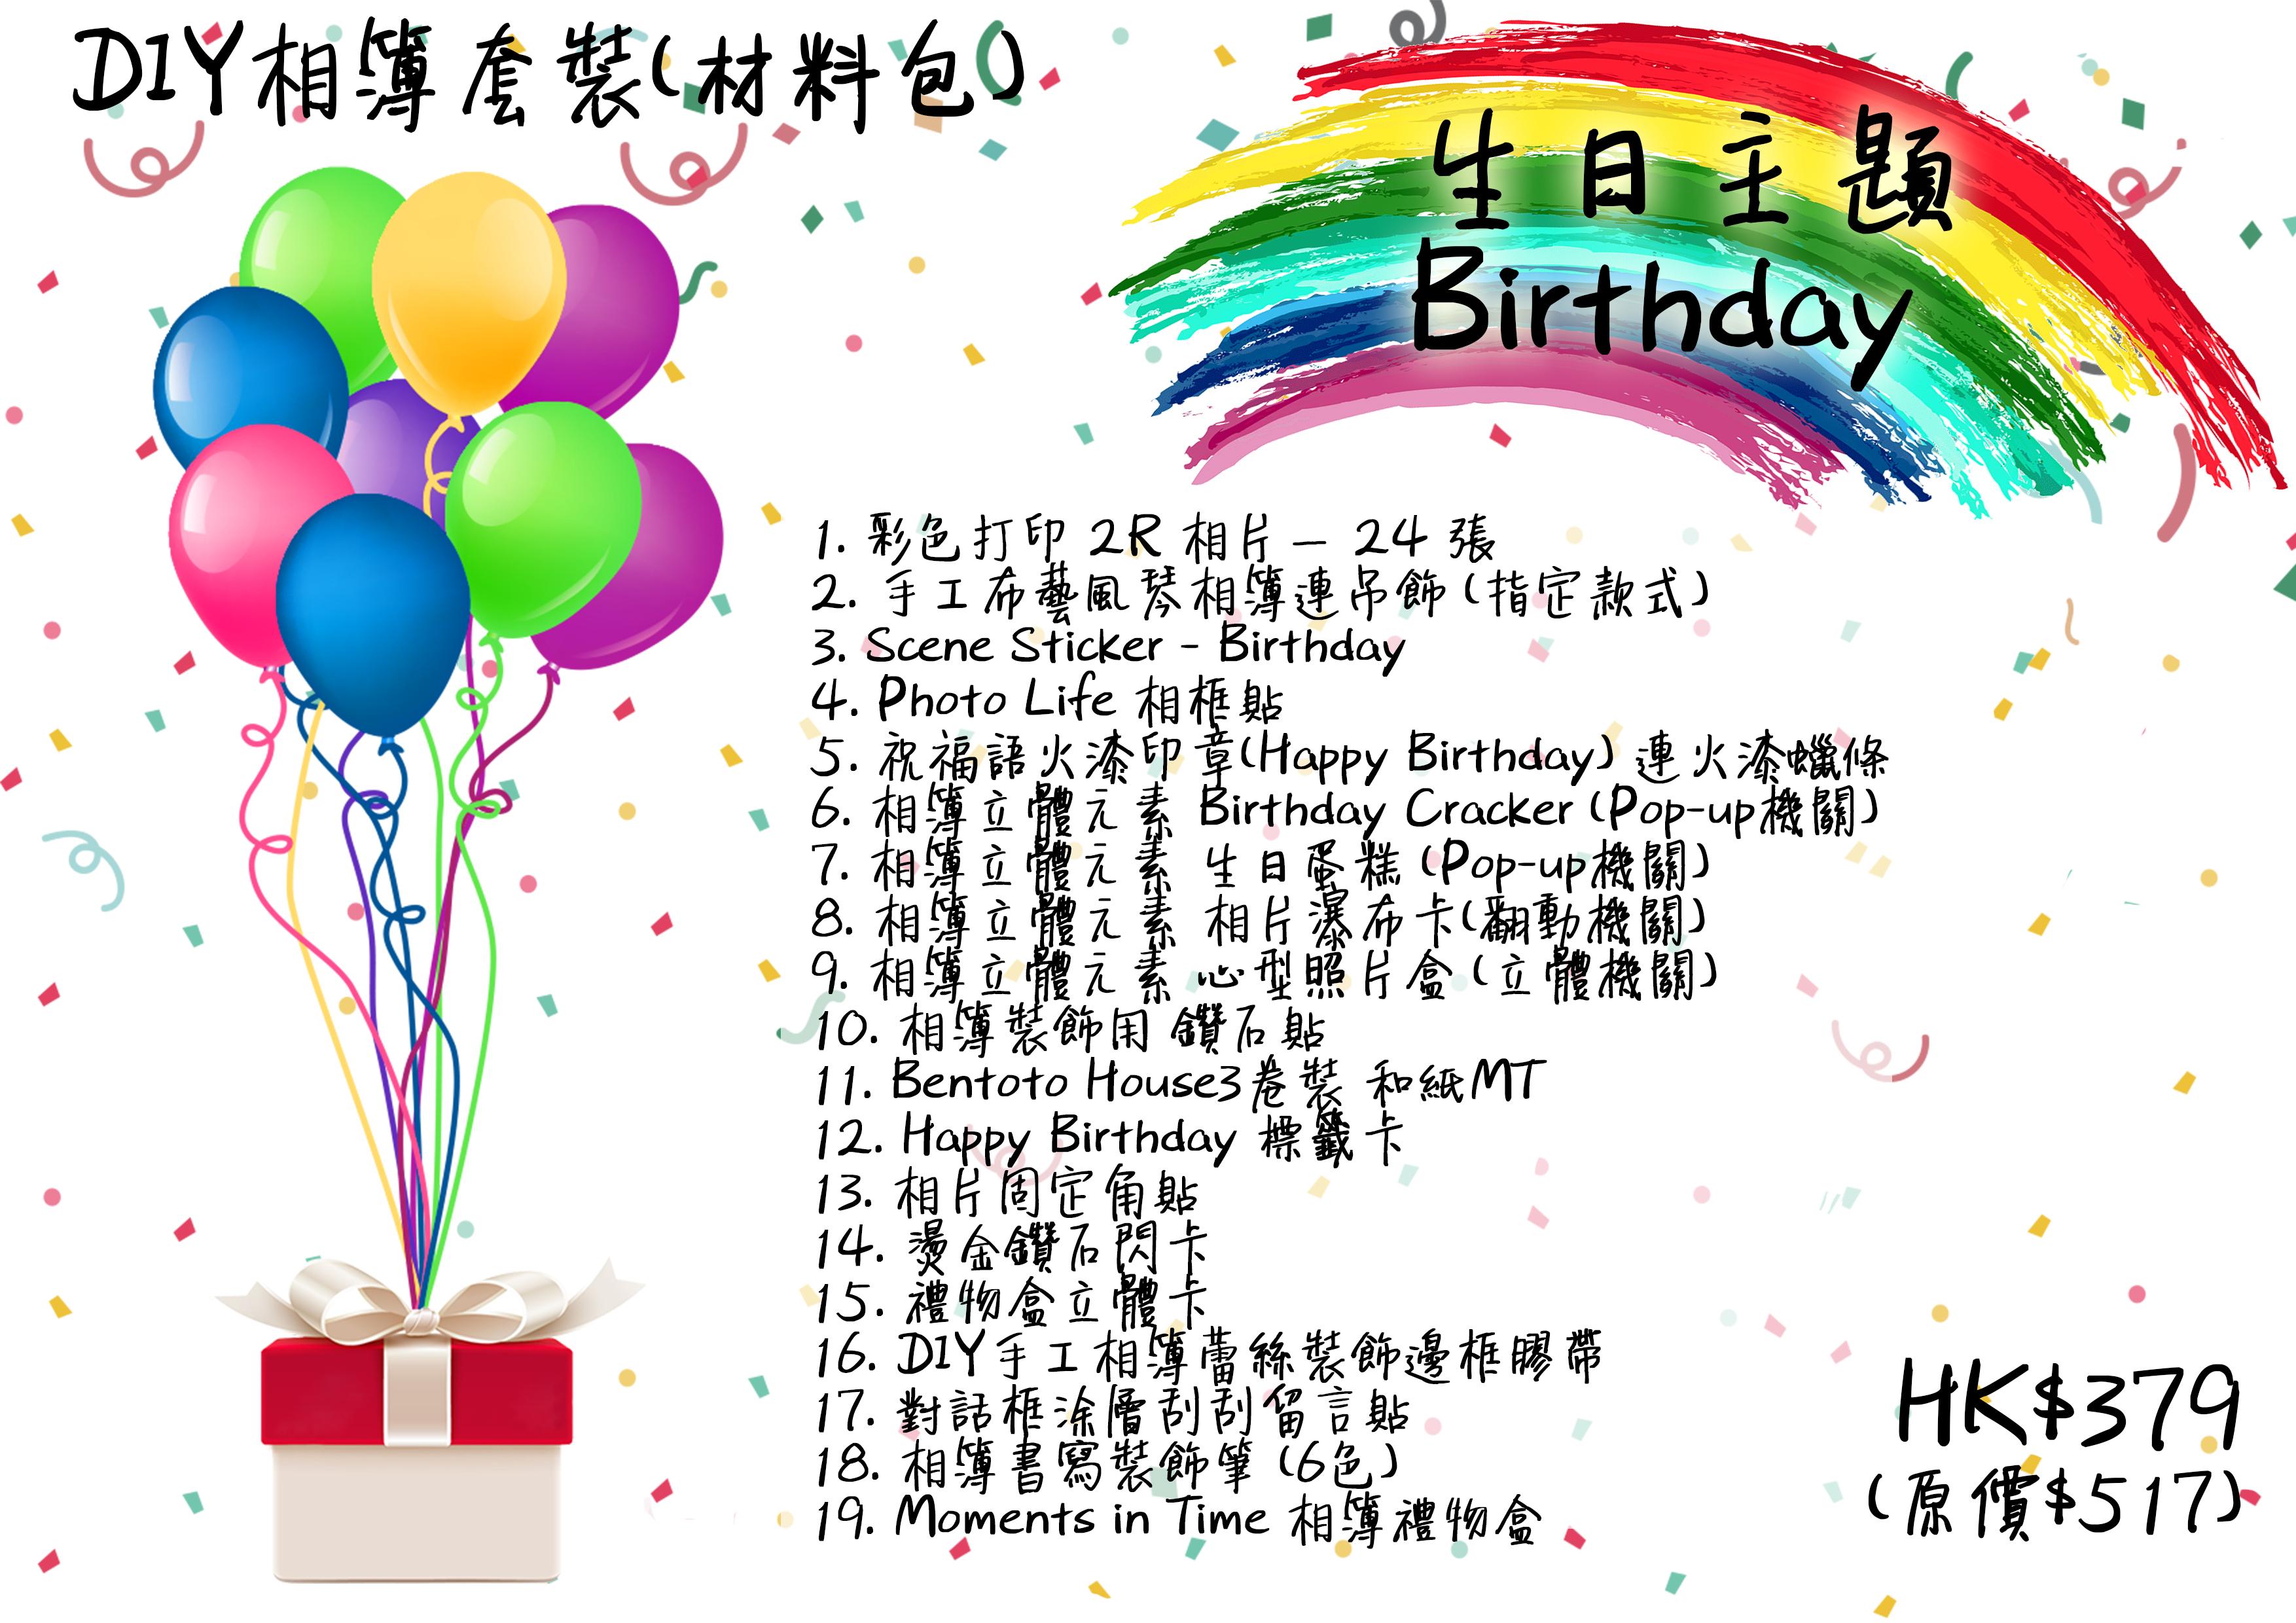 Birthday Display List